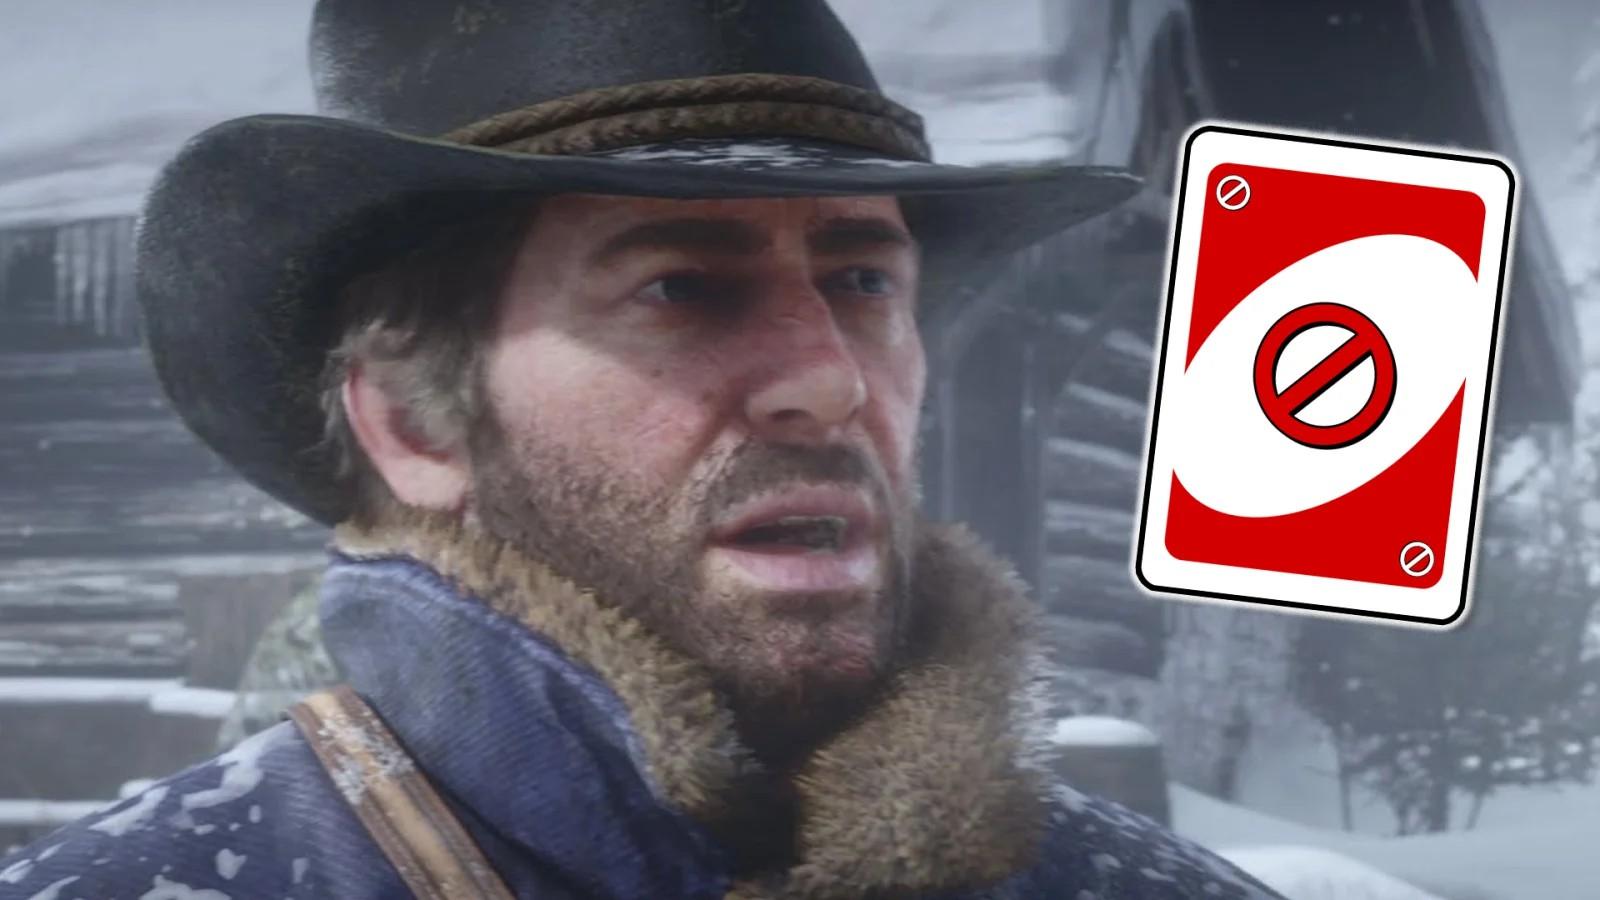 《荒野大镖客2》跳过序章Mod受欢迎 玩家不想浪费时间